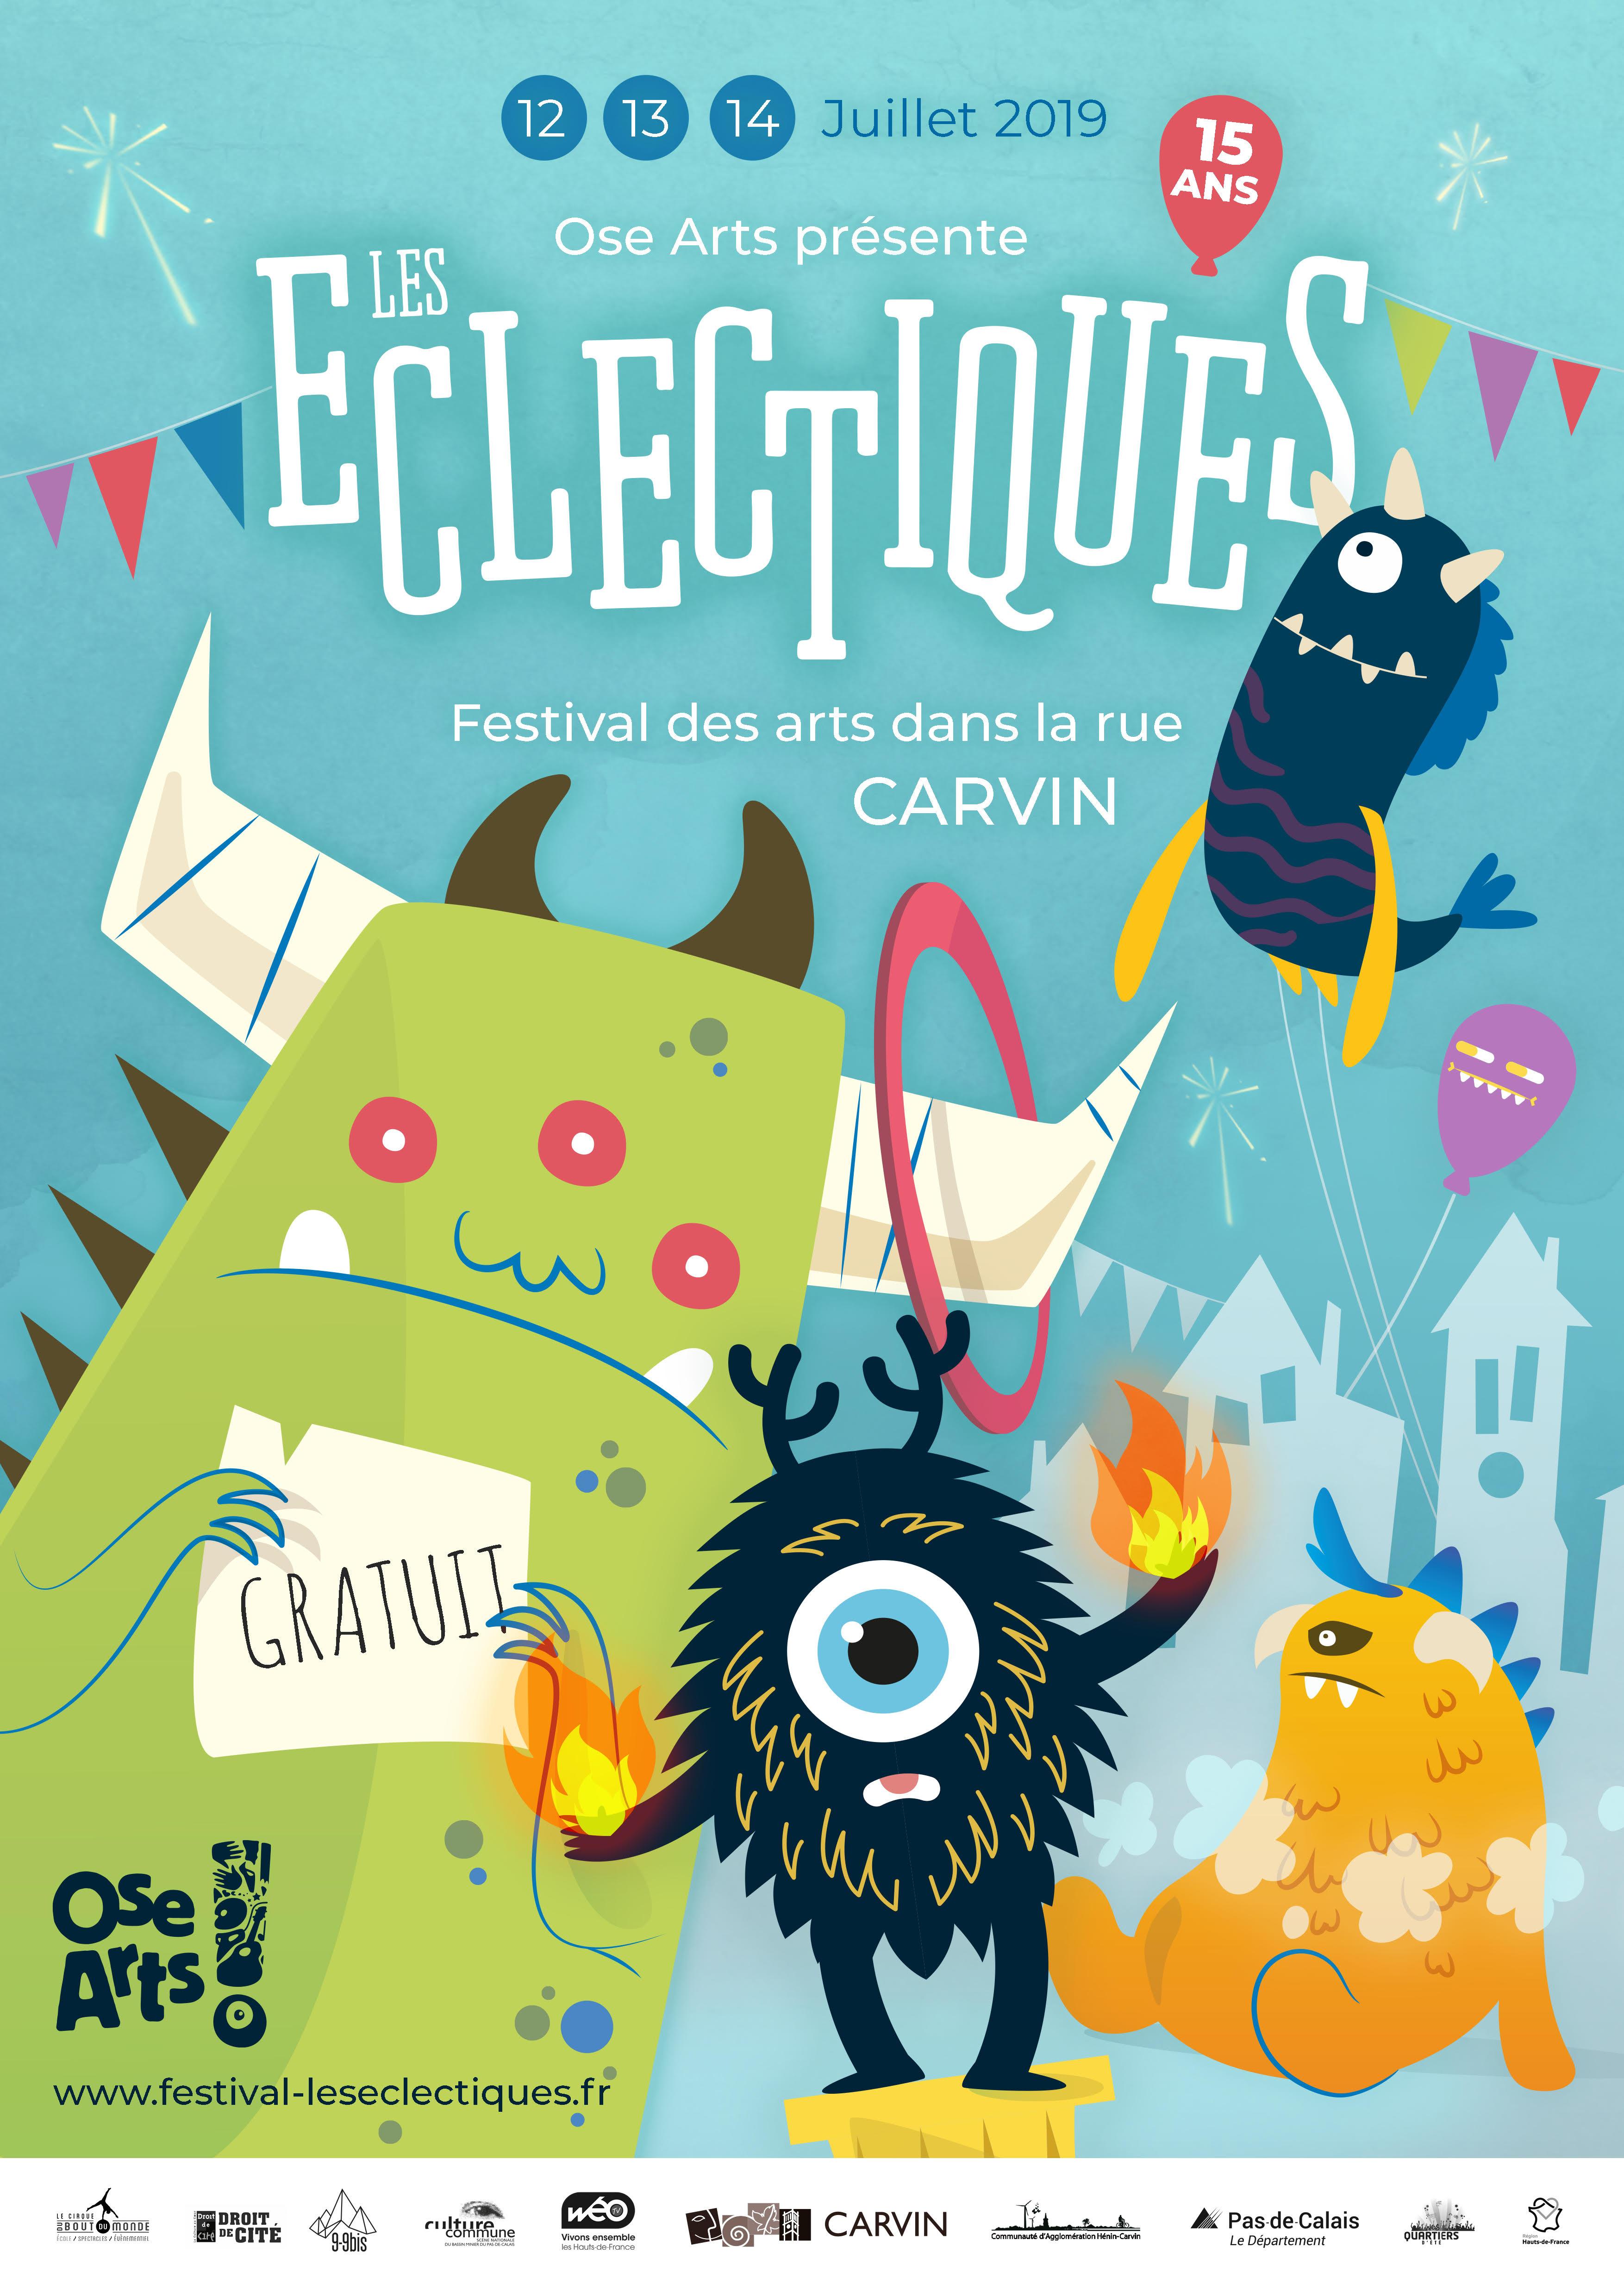 Les Eclectiques, festival dans les rues de Carvin